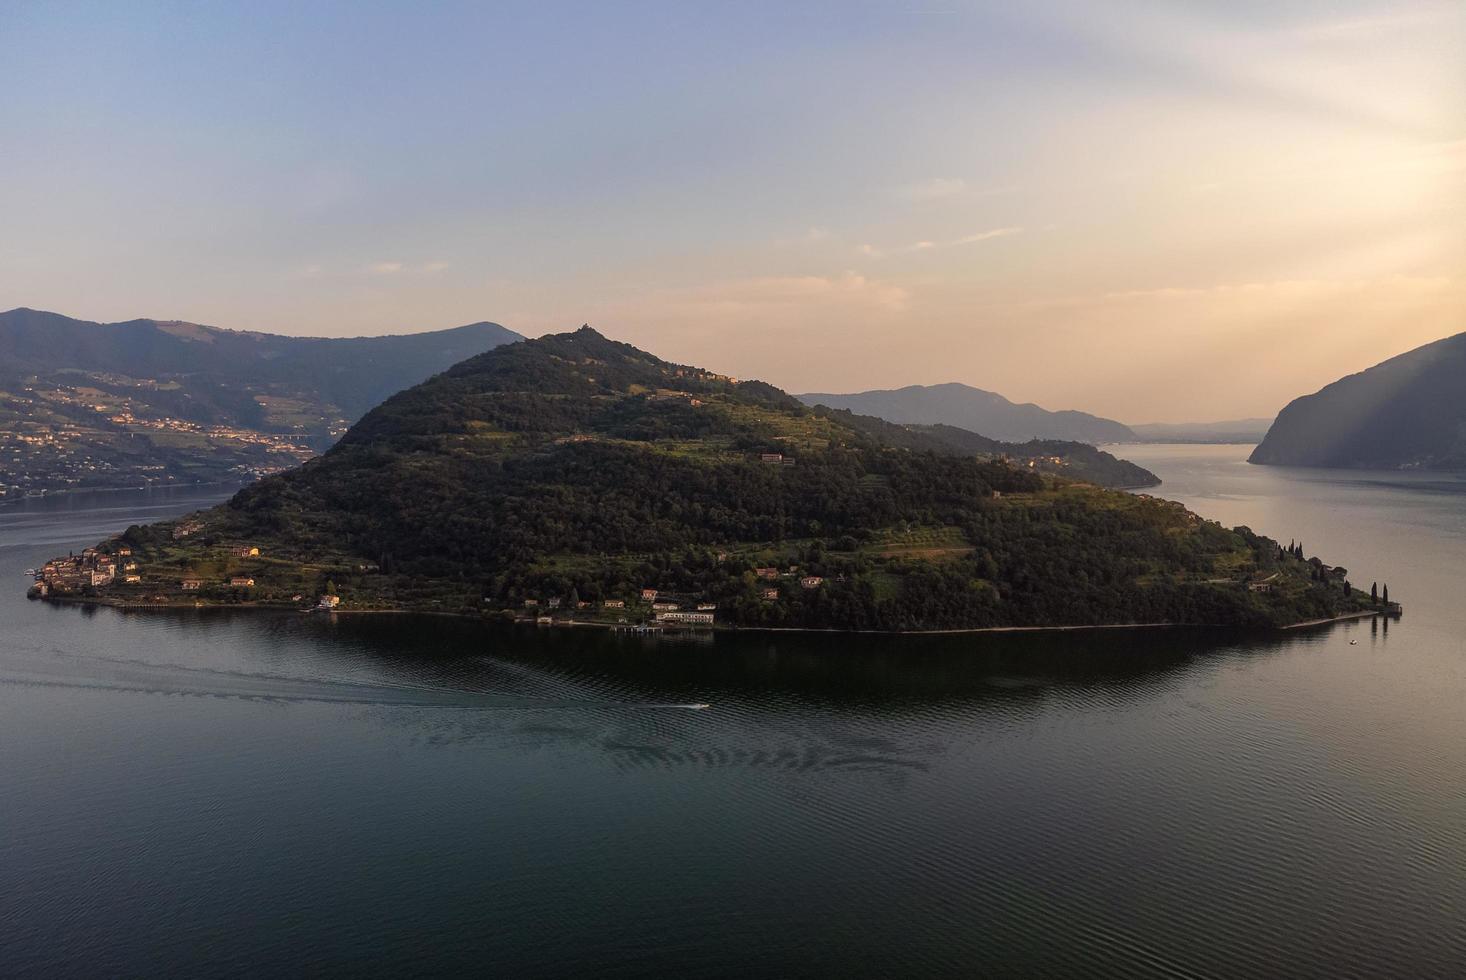 panoramautsikt över sjön iseo och monte isola foto